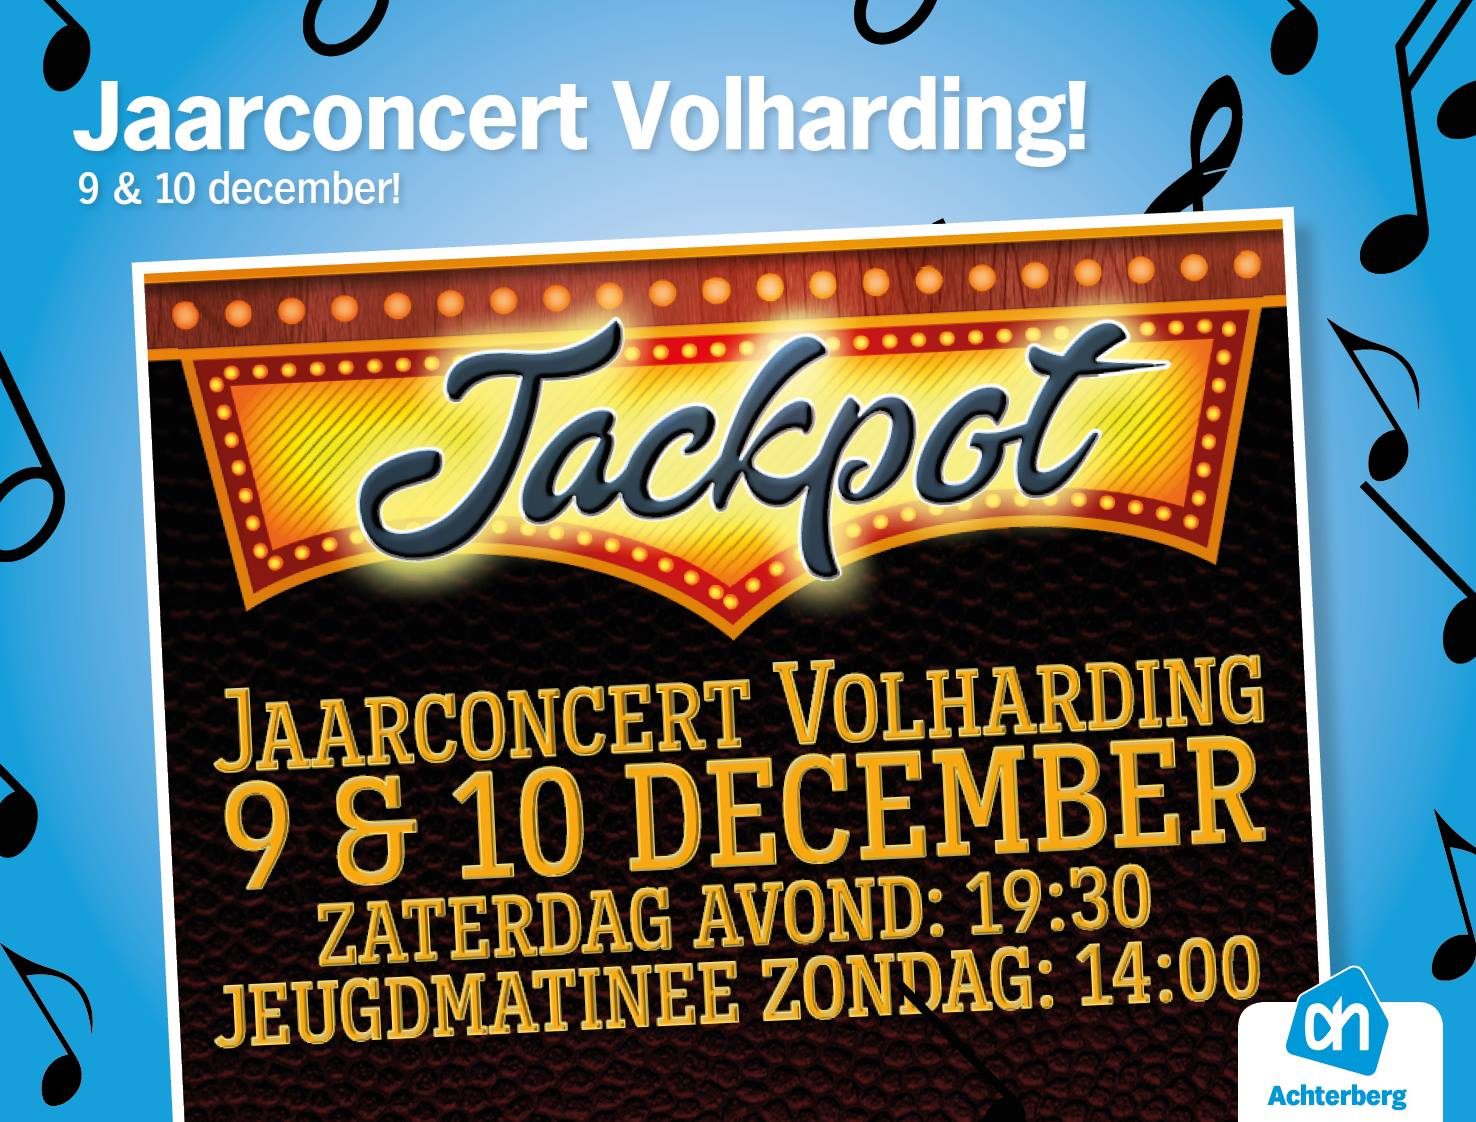 Heb jij al kaartjes gekocht voor het jaarconcert van Volharding?